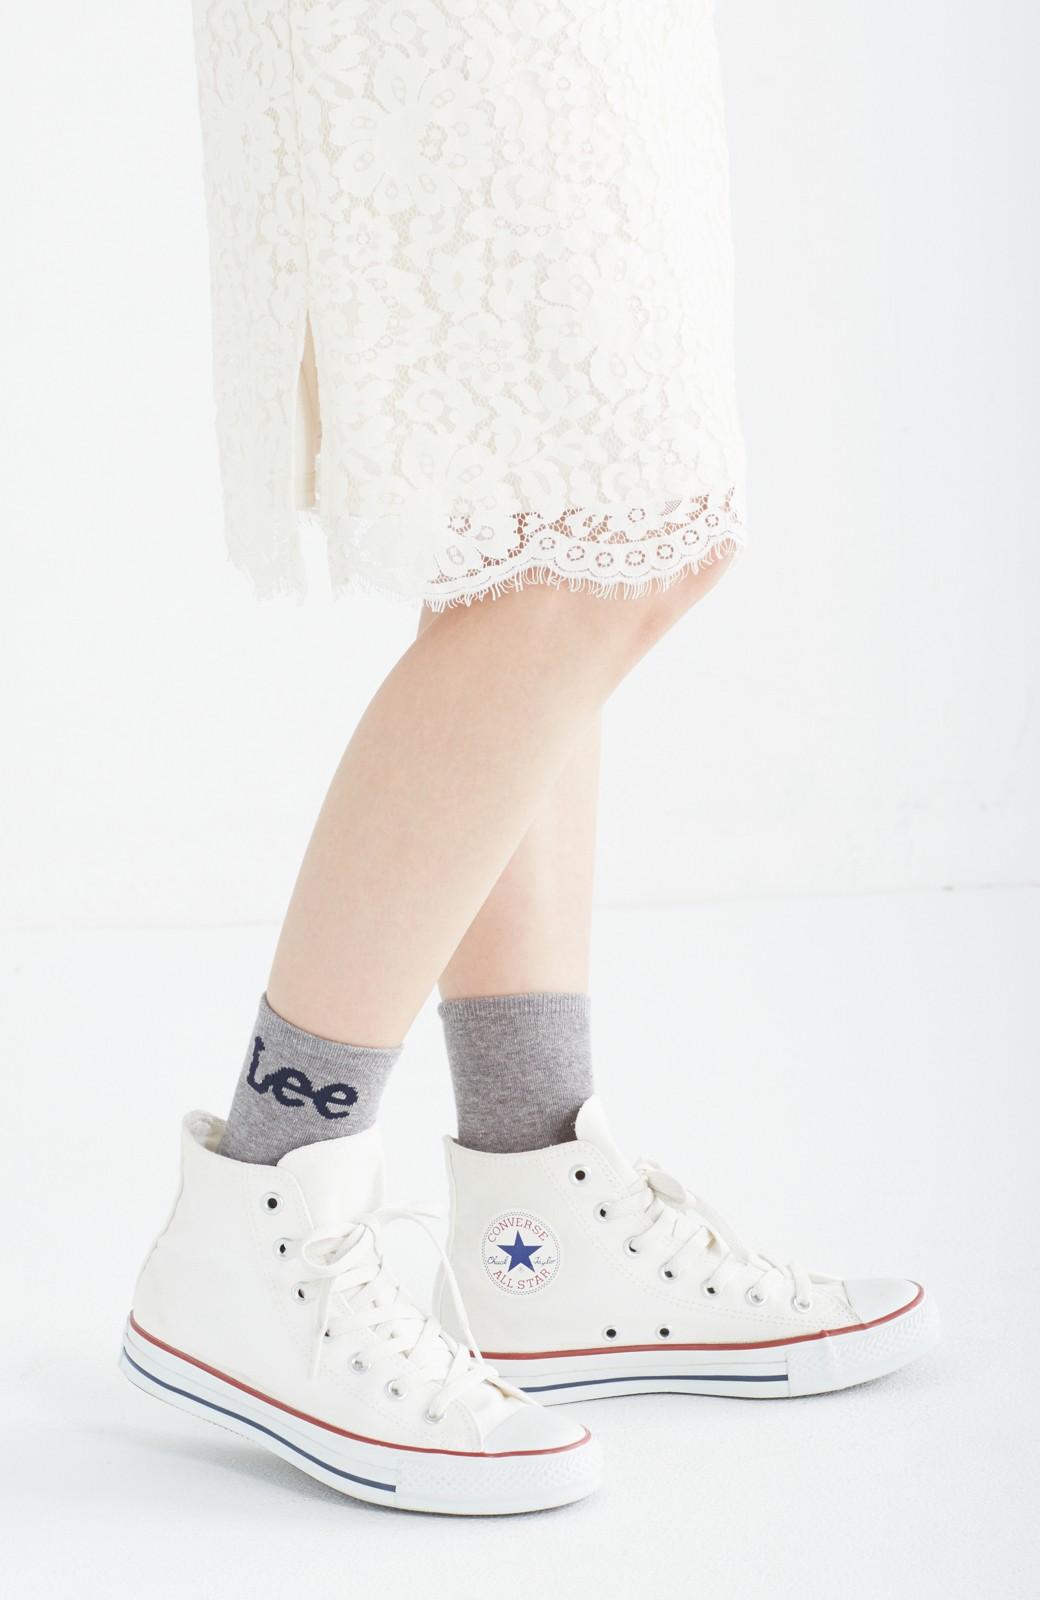 haco! Lee ロゴがかわいいハイカットソックス <グレー>の商品写真2